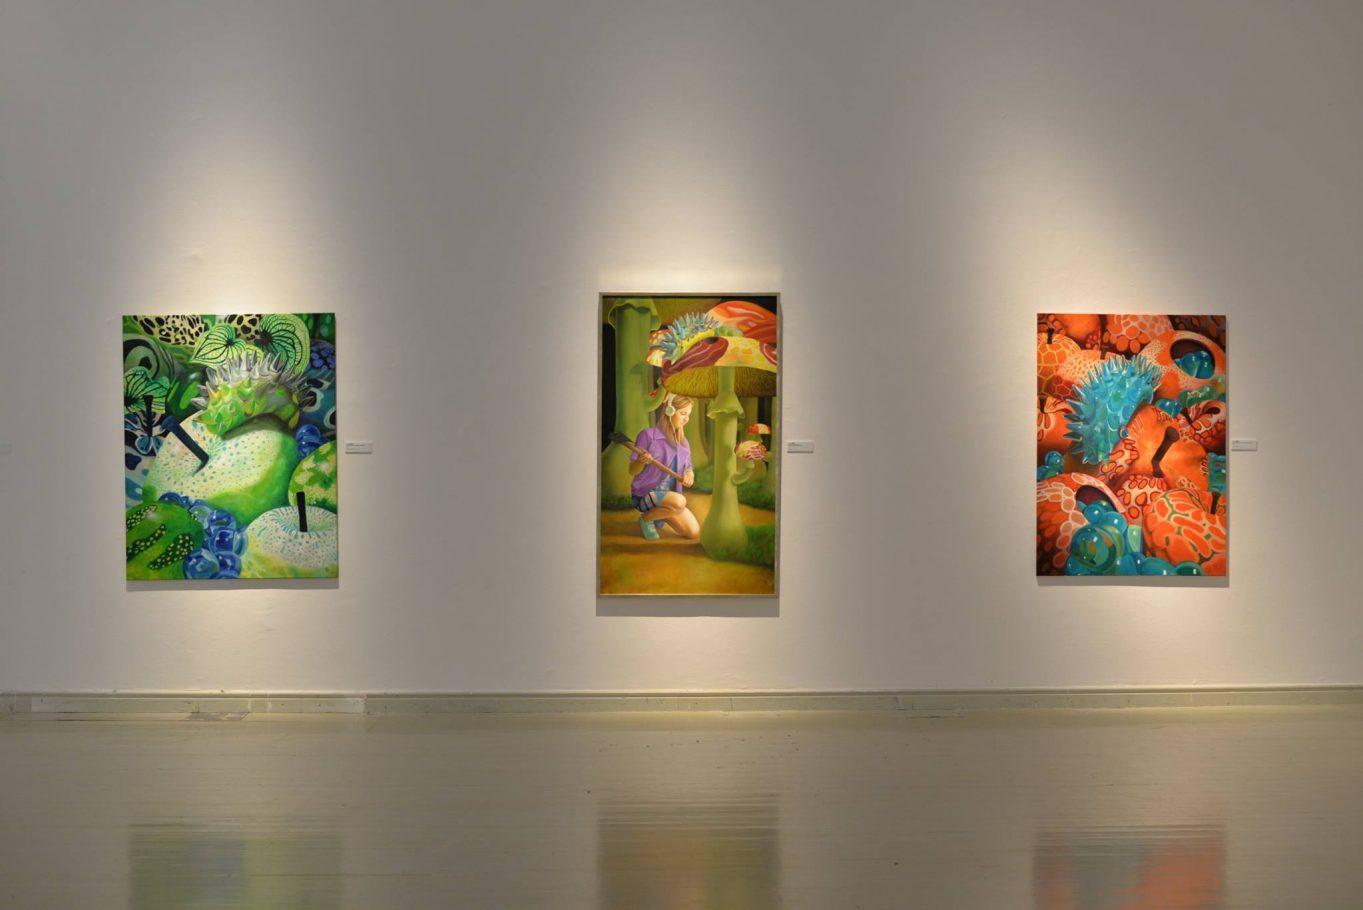 Műcsarnok Kunsthalle Budapest